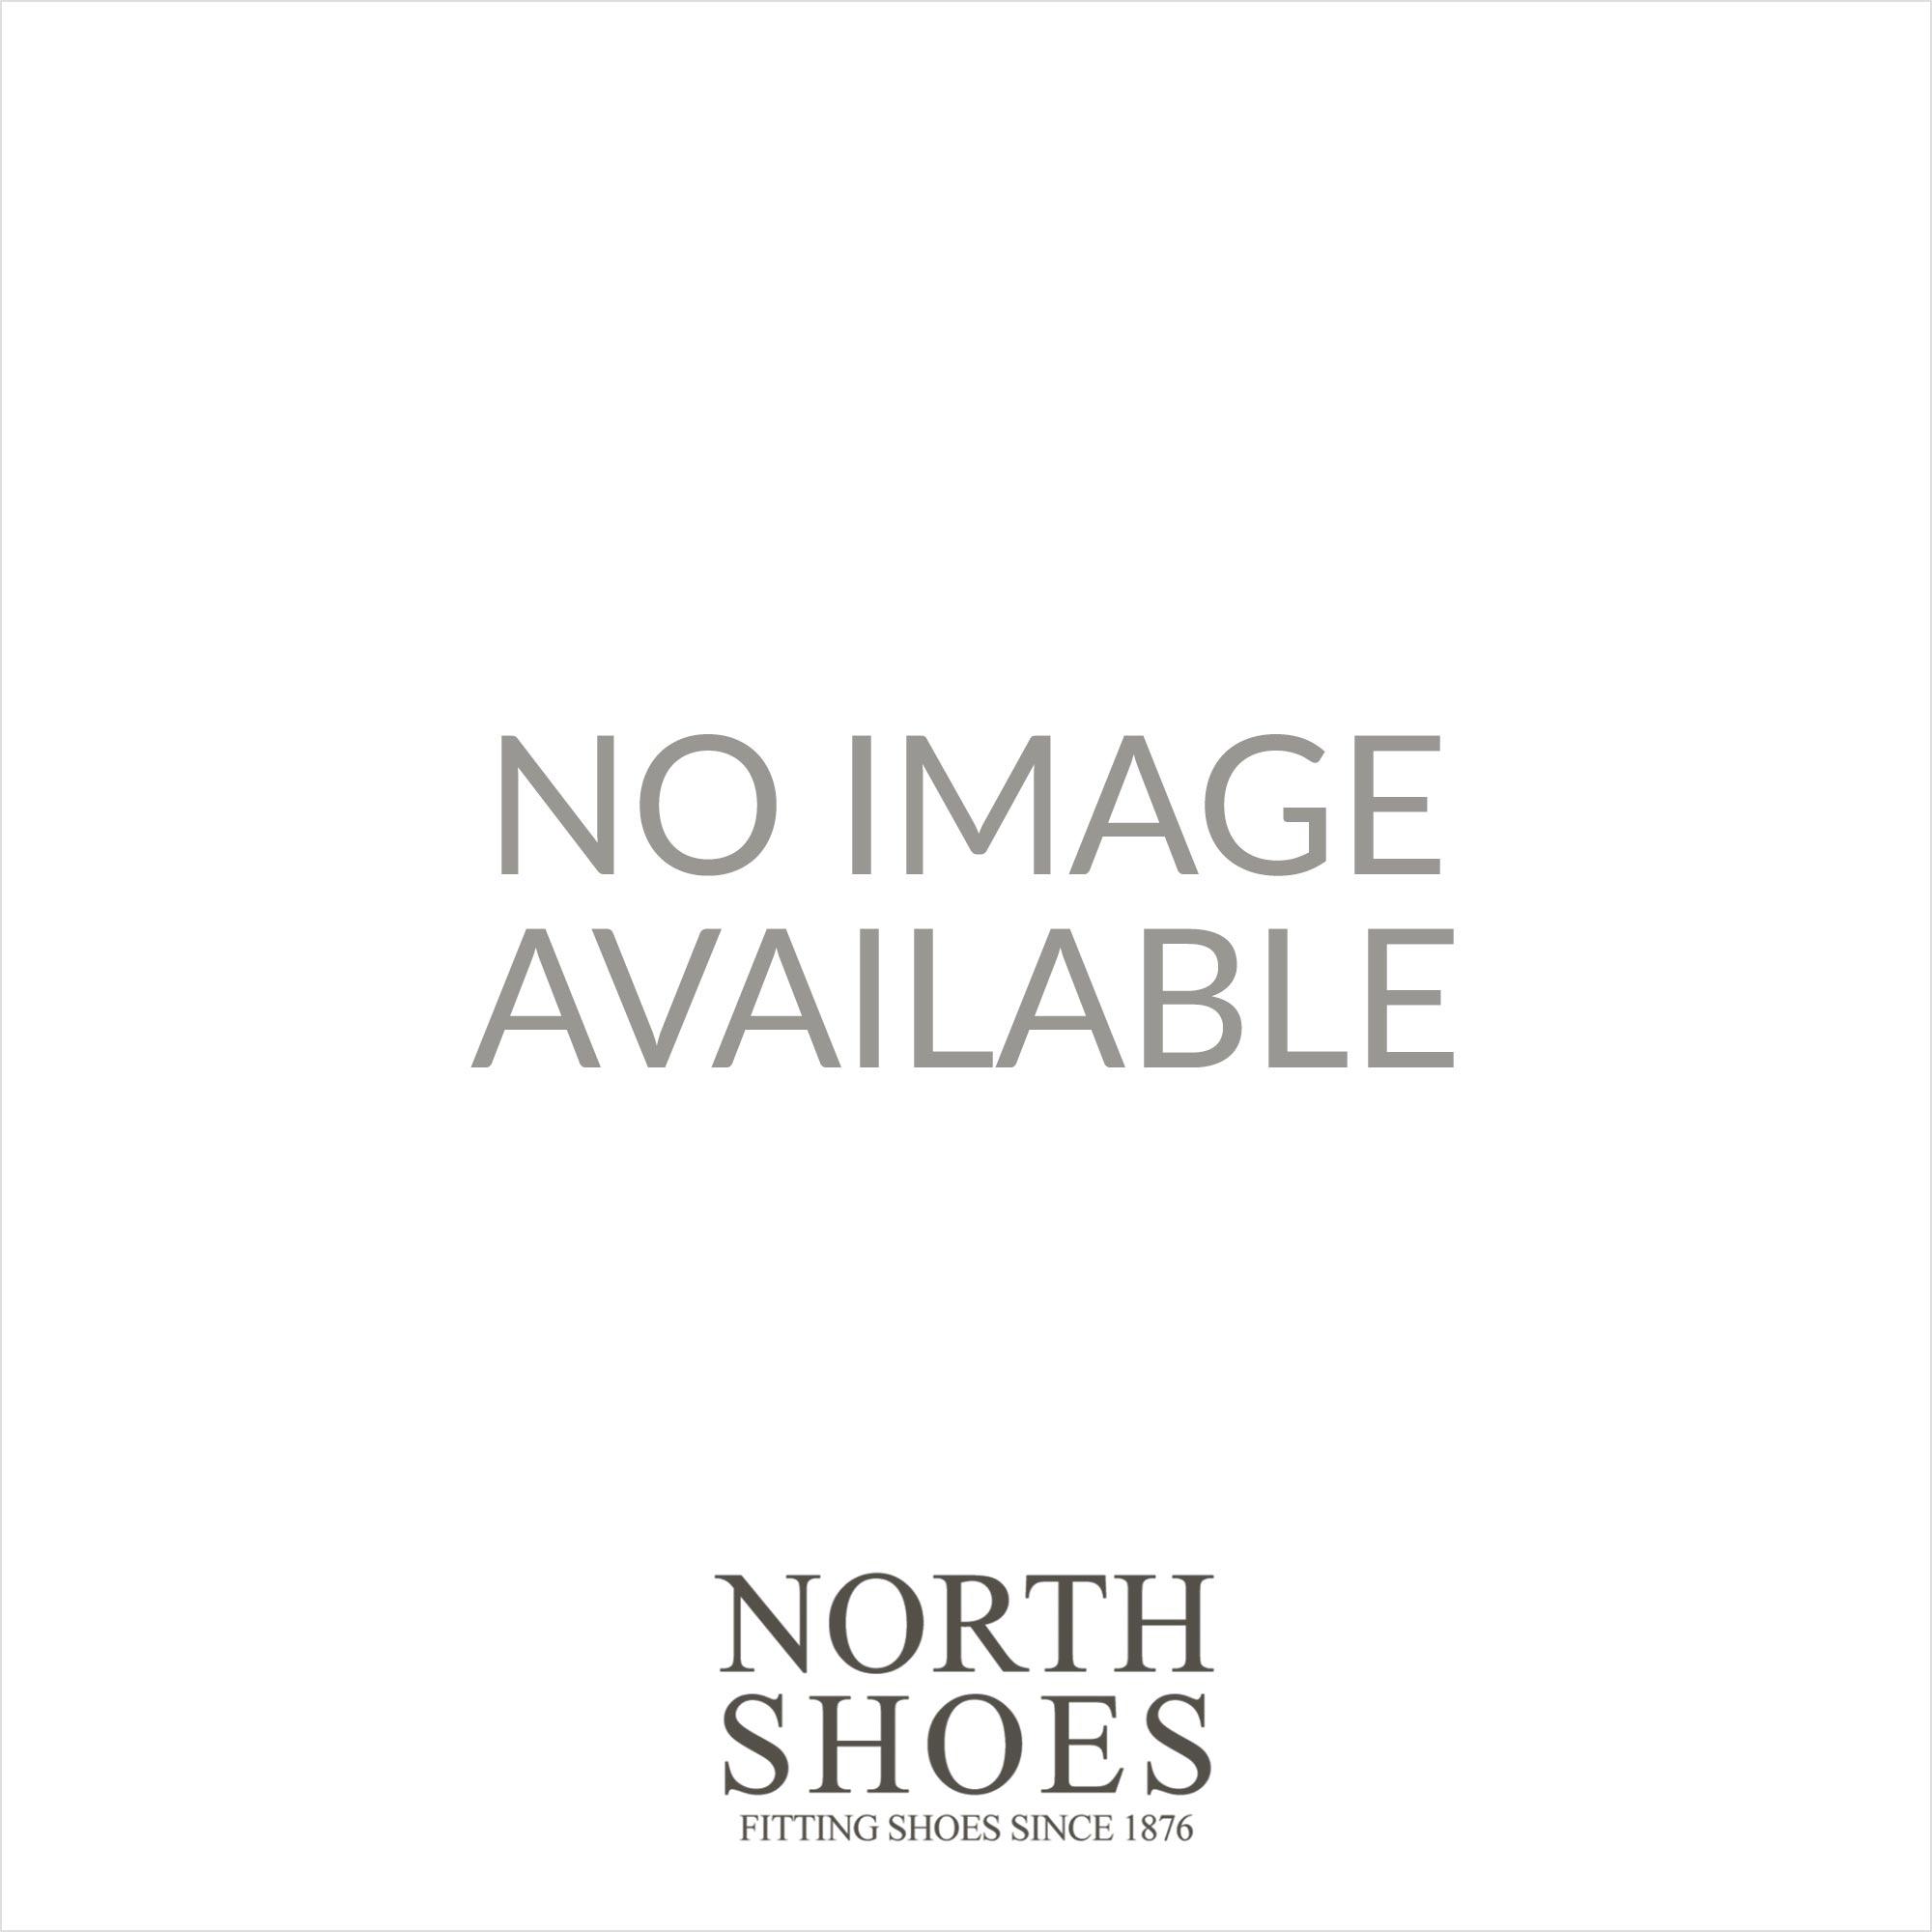 Chic 7029400-454 Grey Girls Sandal